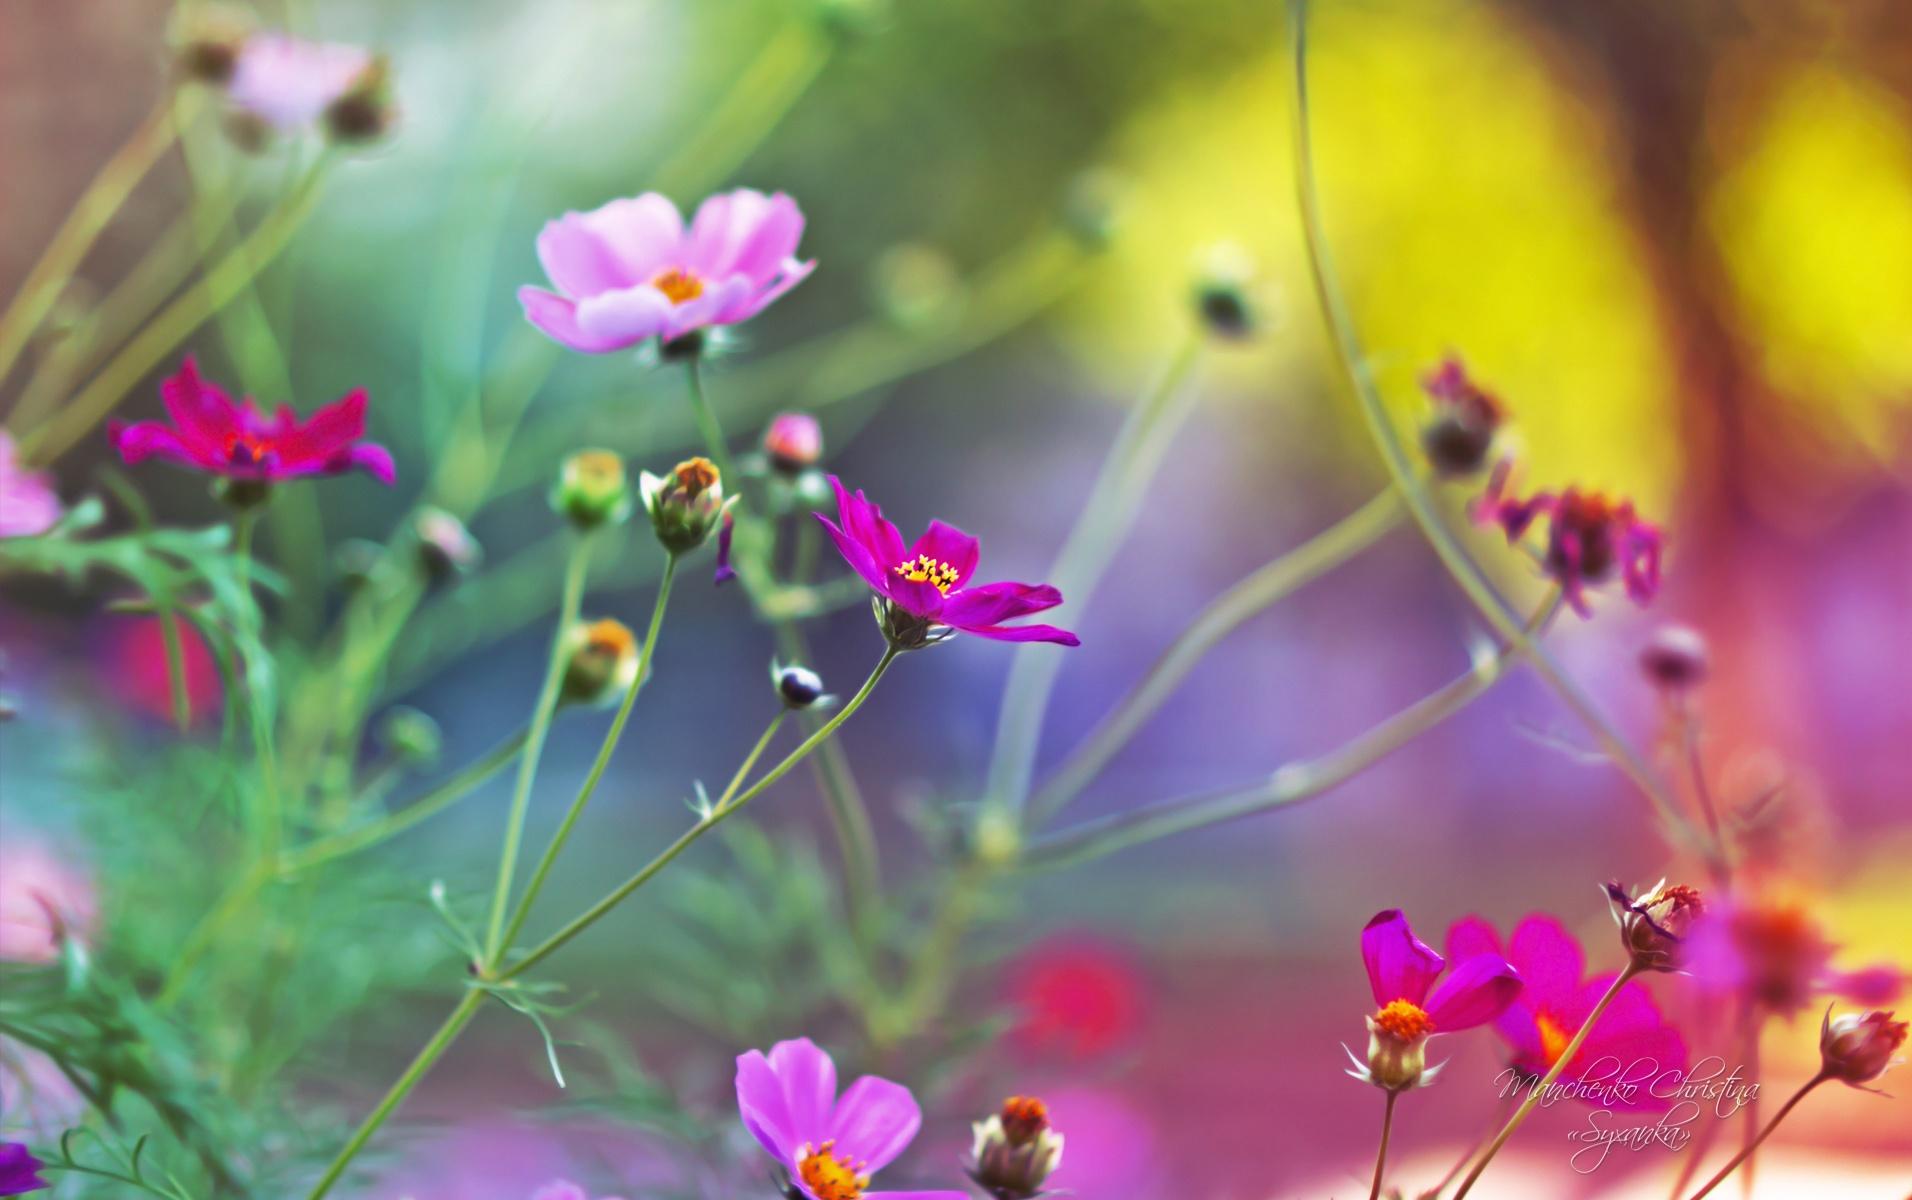 23+ 3D Hd Wallpaper Flower JPG